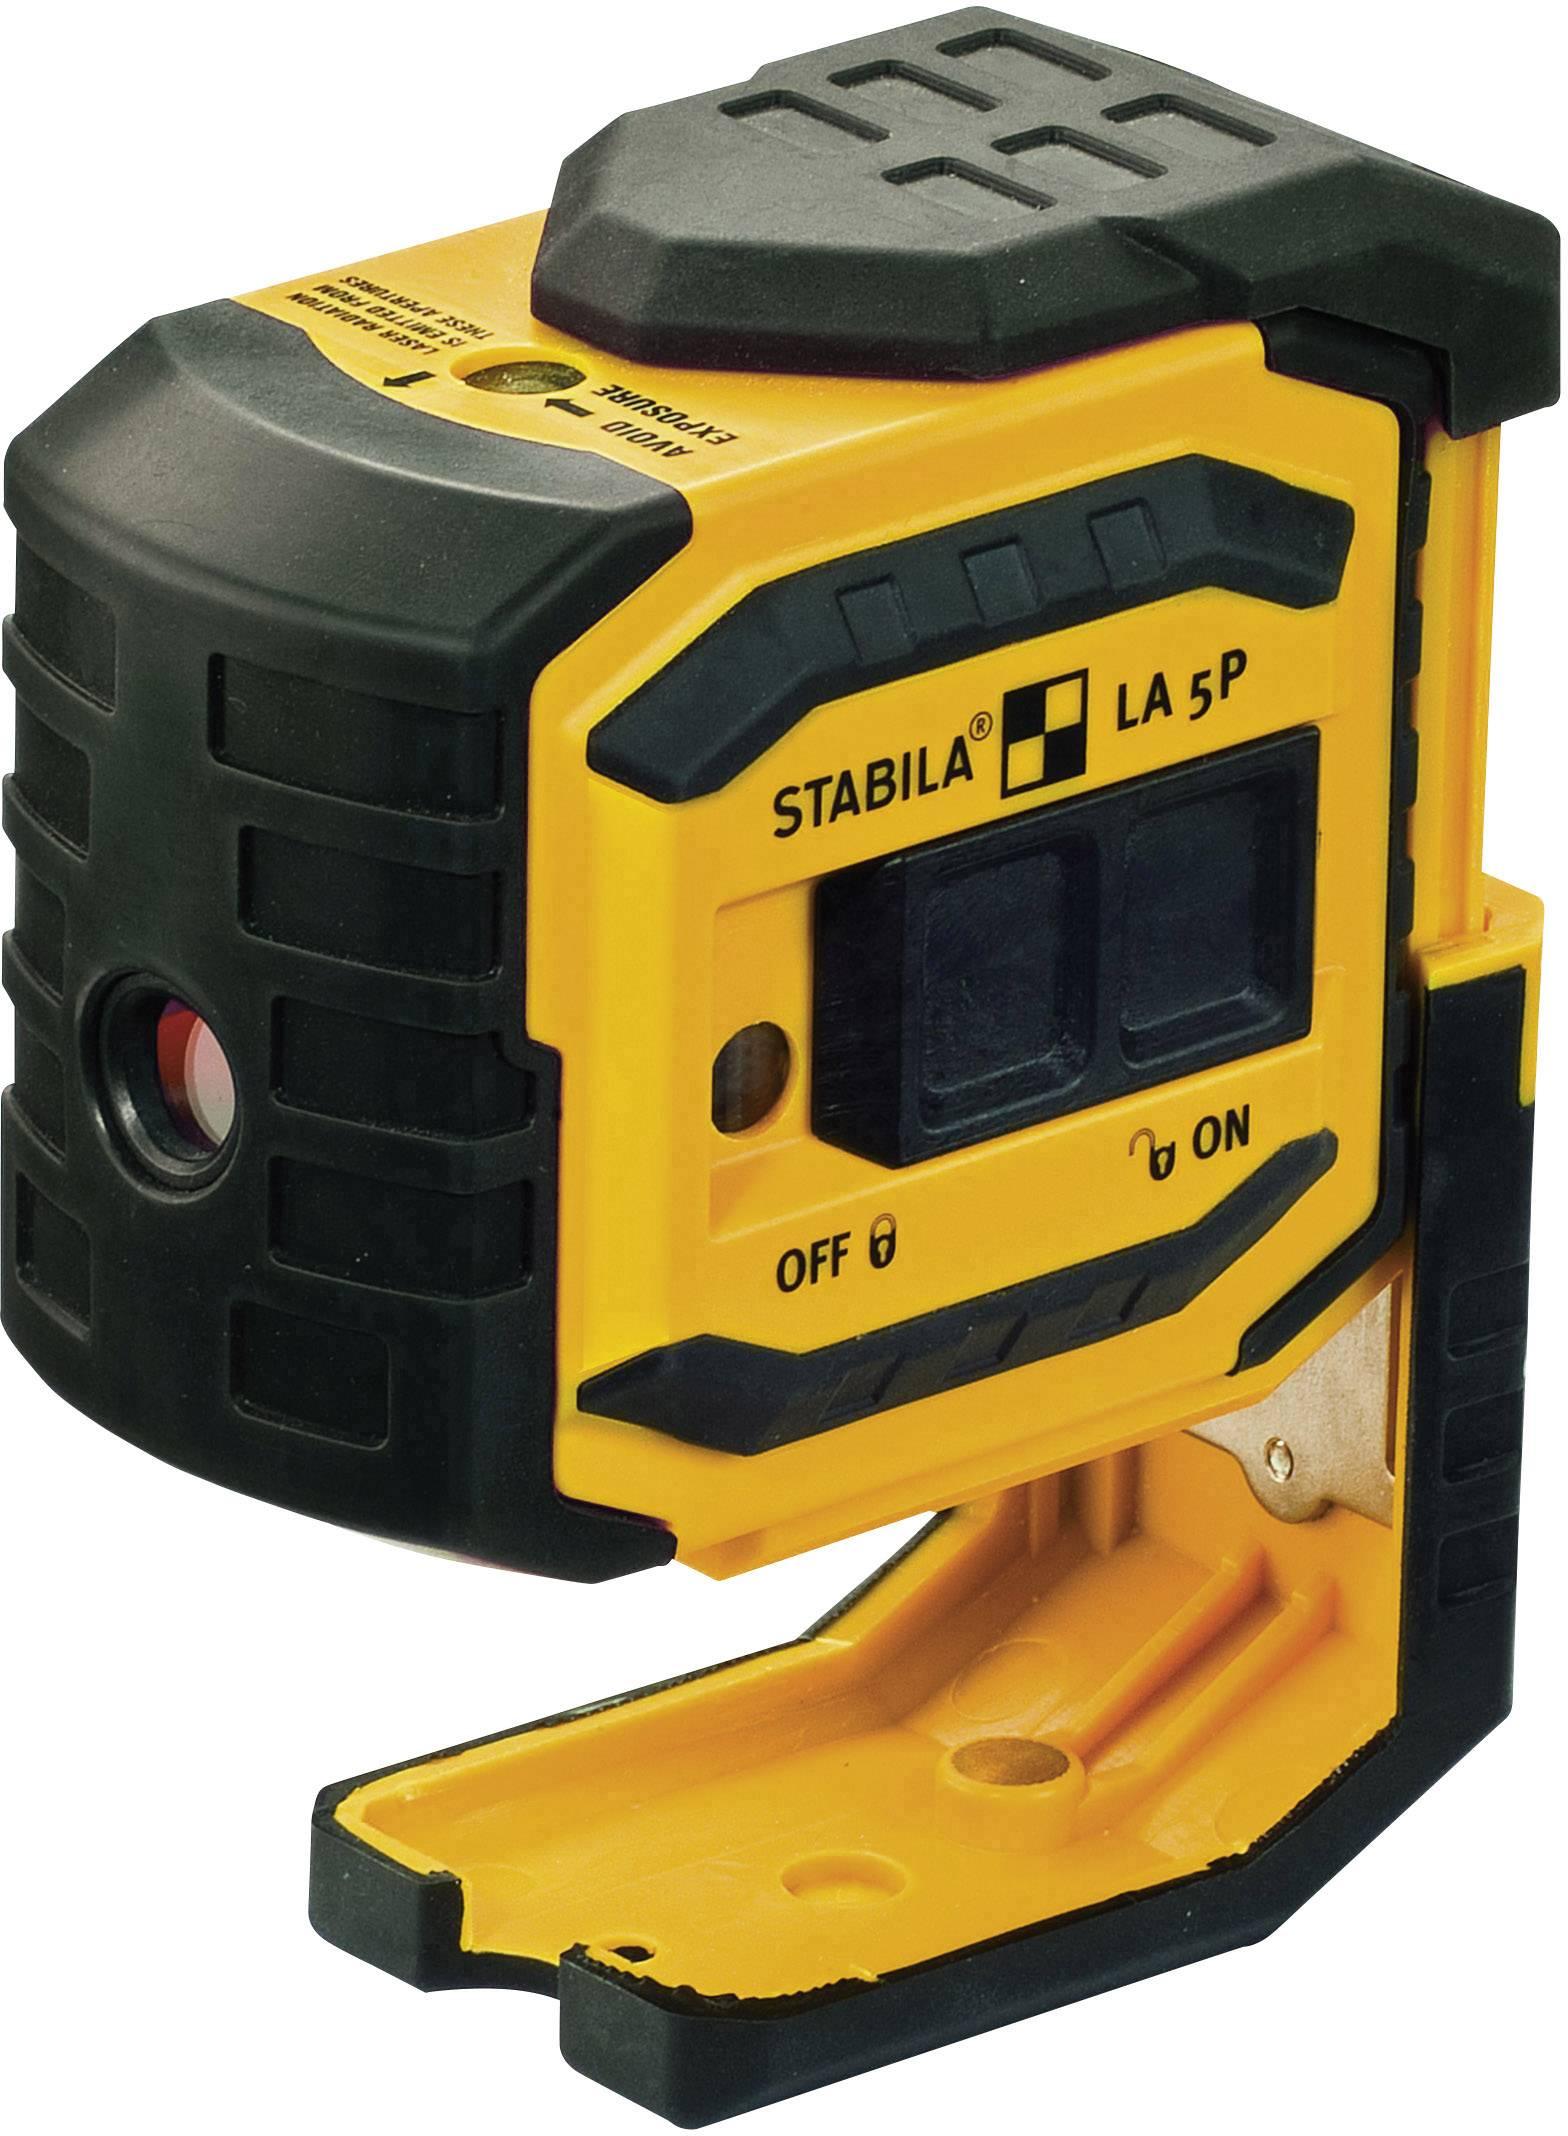 Stabila LA-5P Laser a punti au